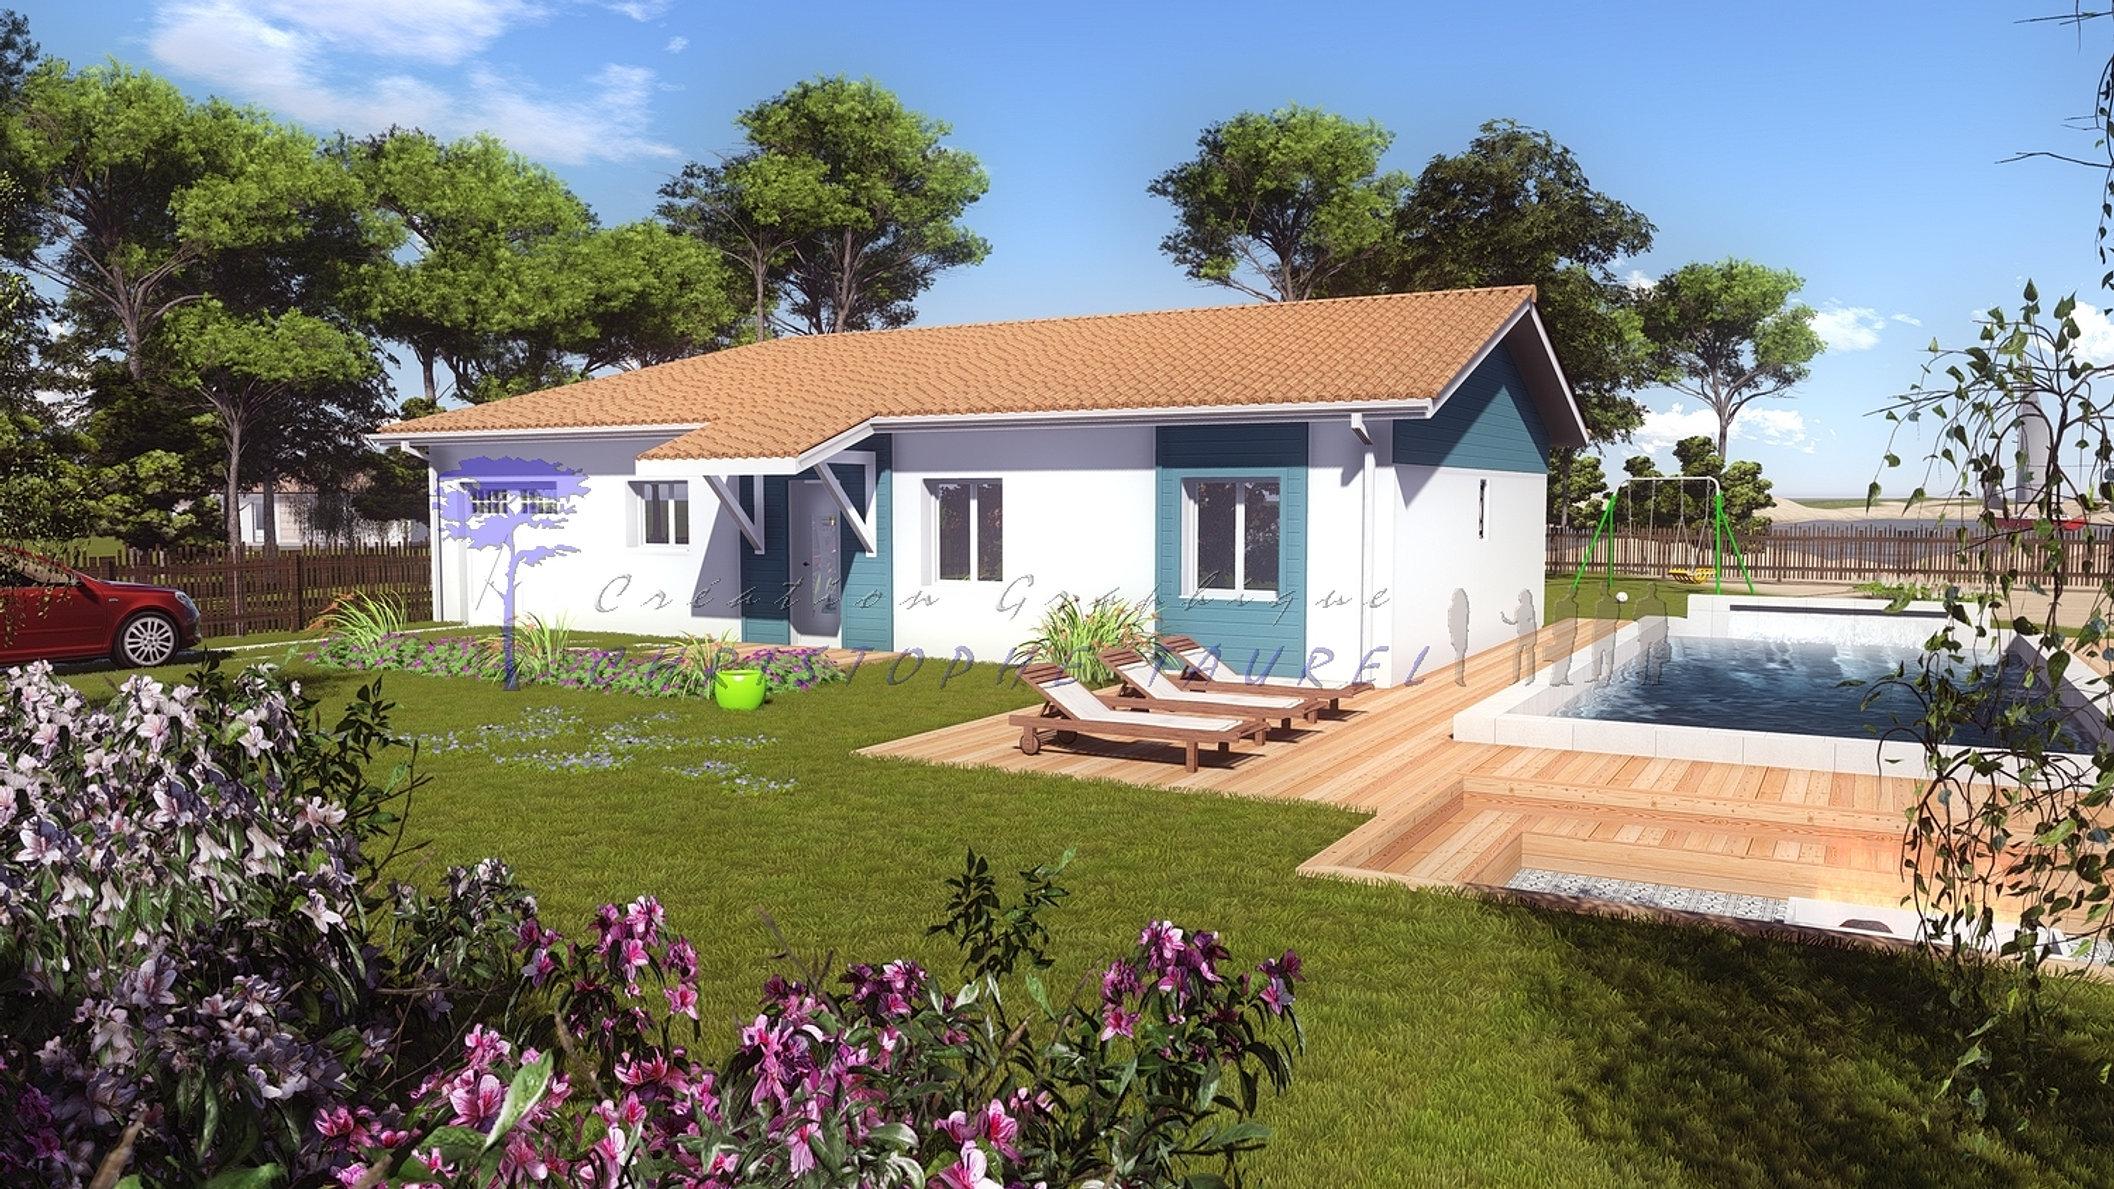 constructeur parentis en born biscarrosse sud ouest constructions. Black Bedroom Furniture Sets. Home Design Ideas